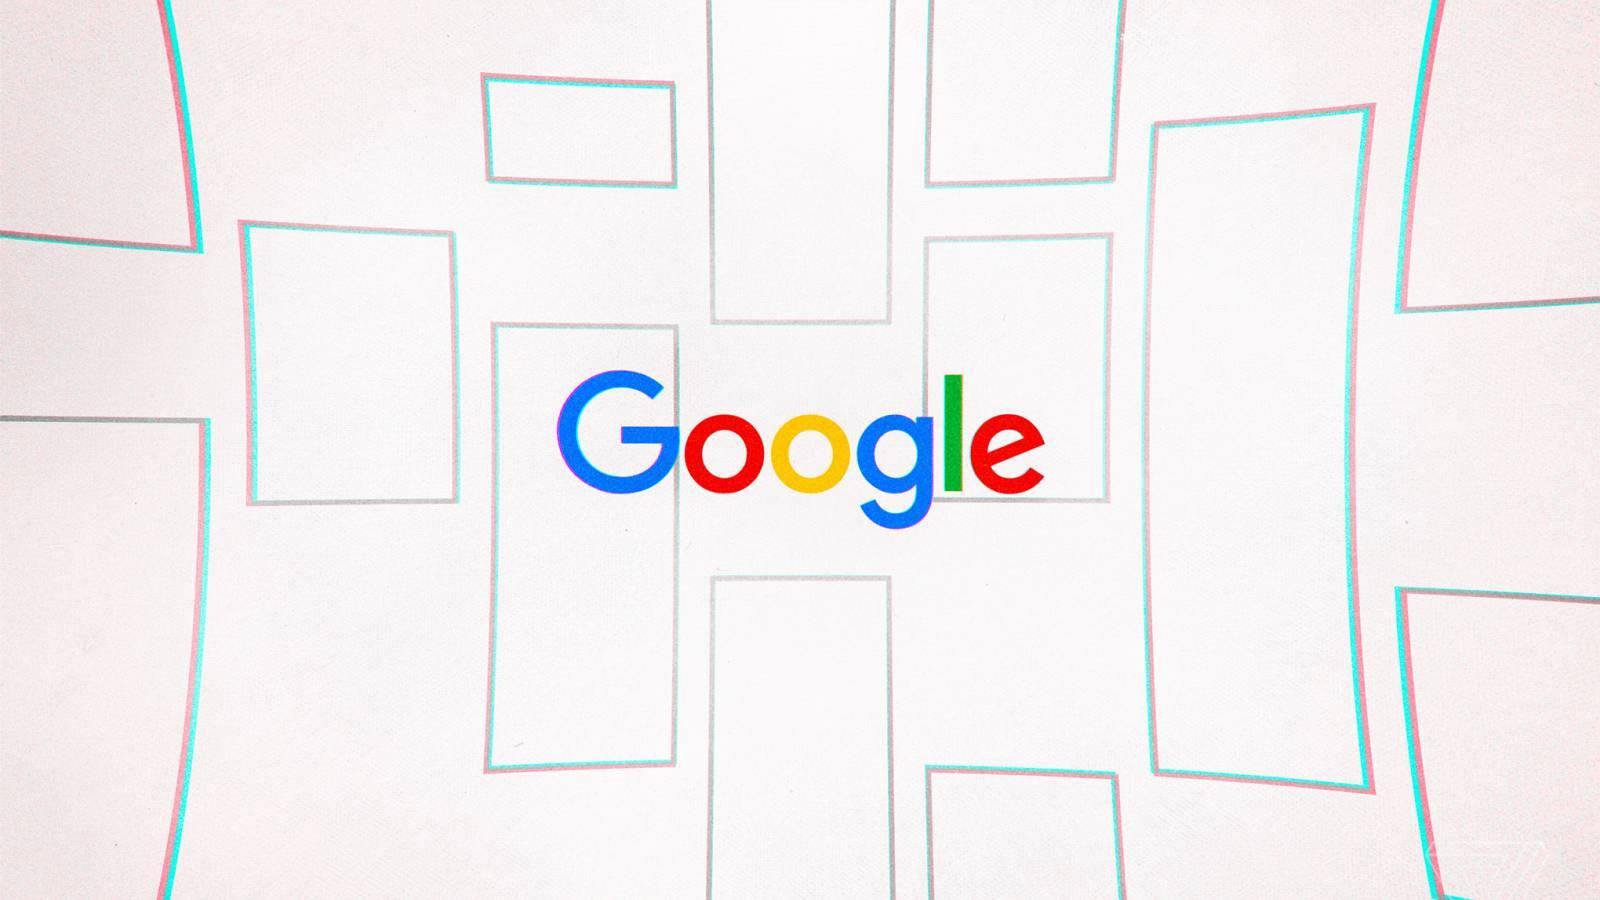 Google irlanda